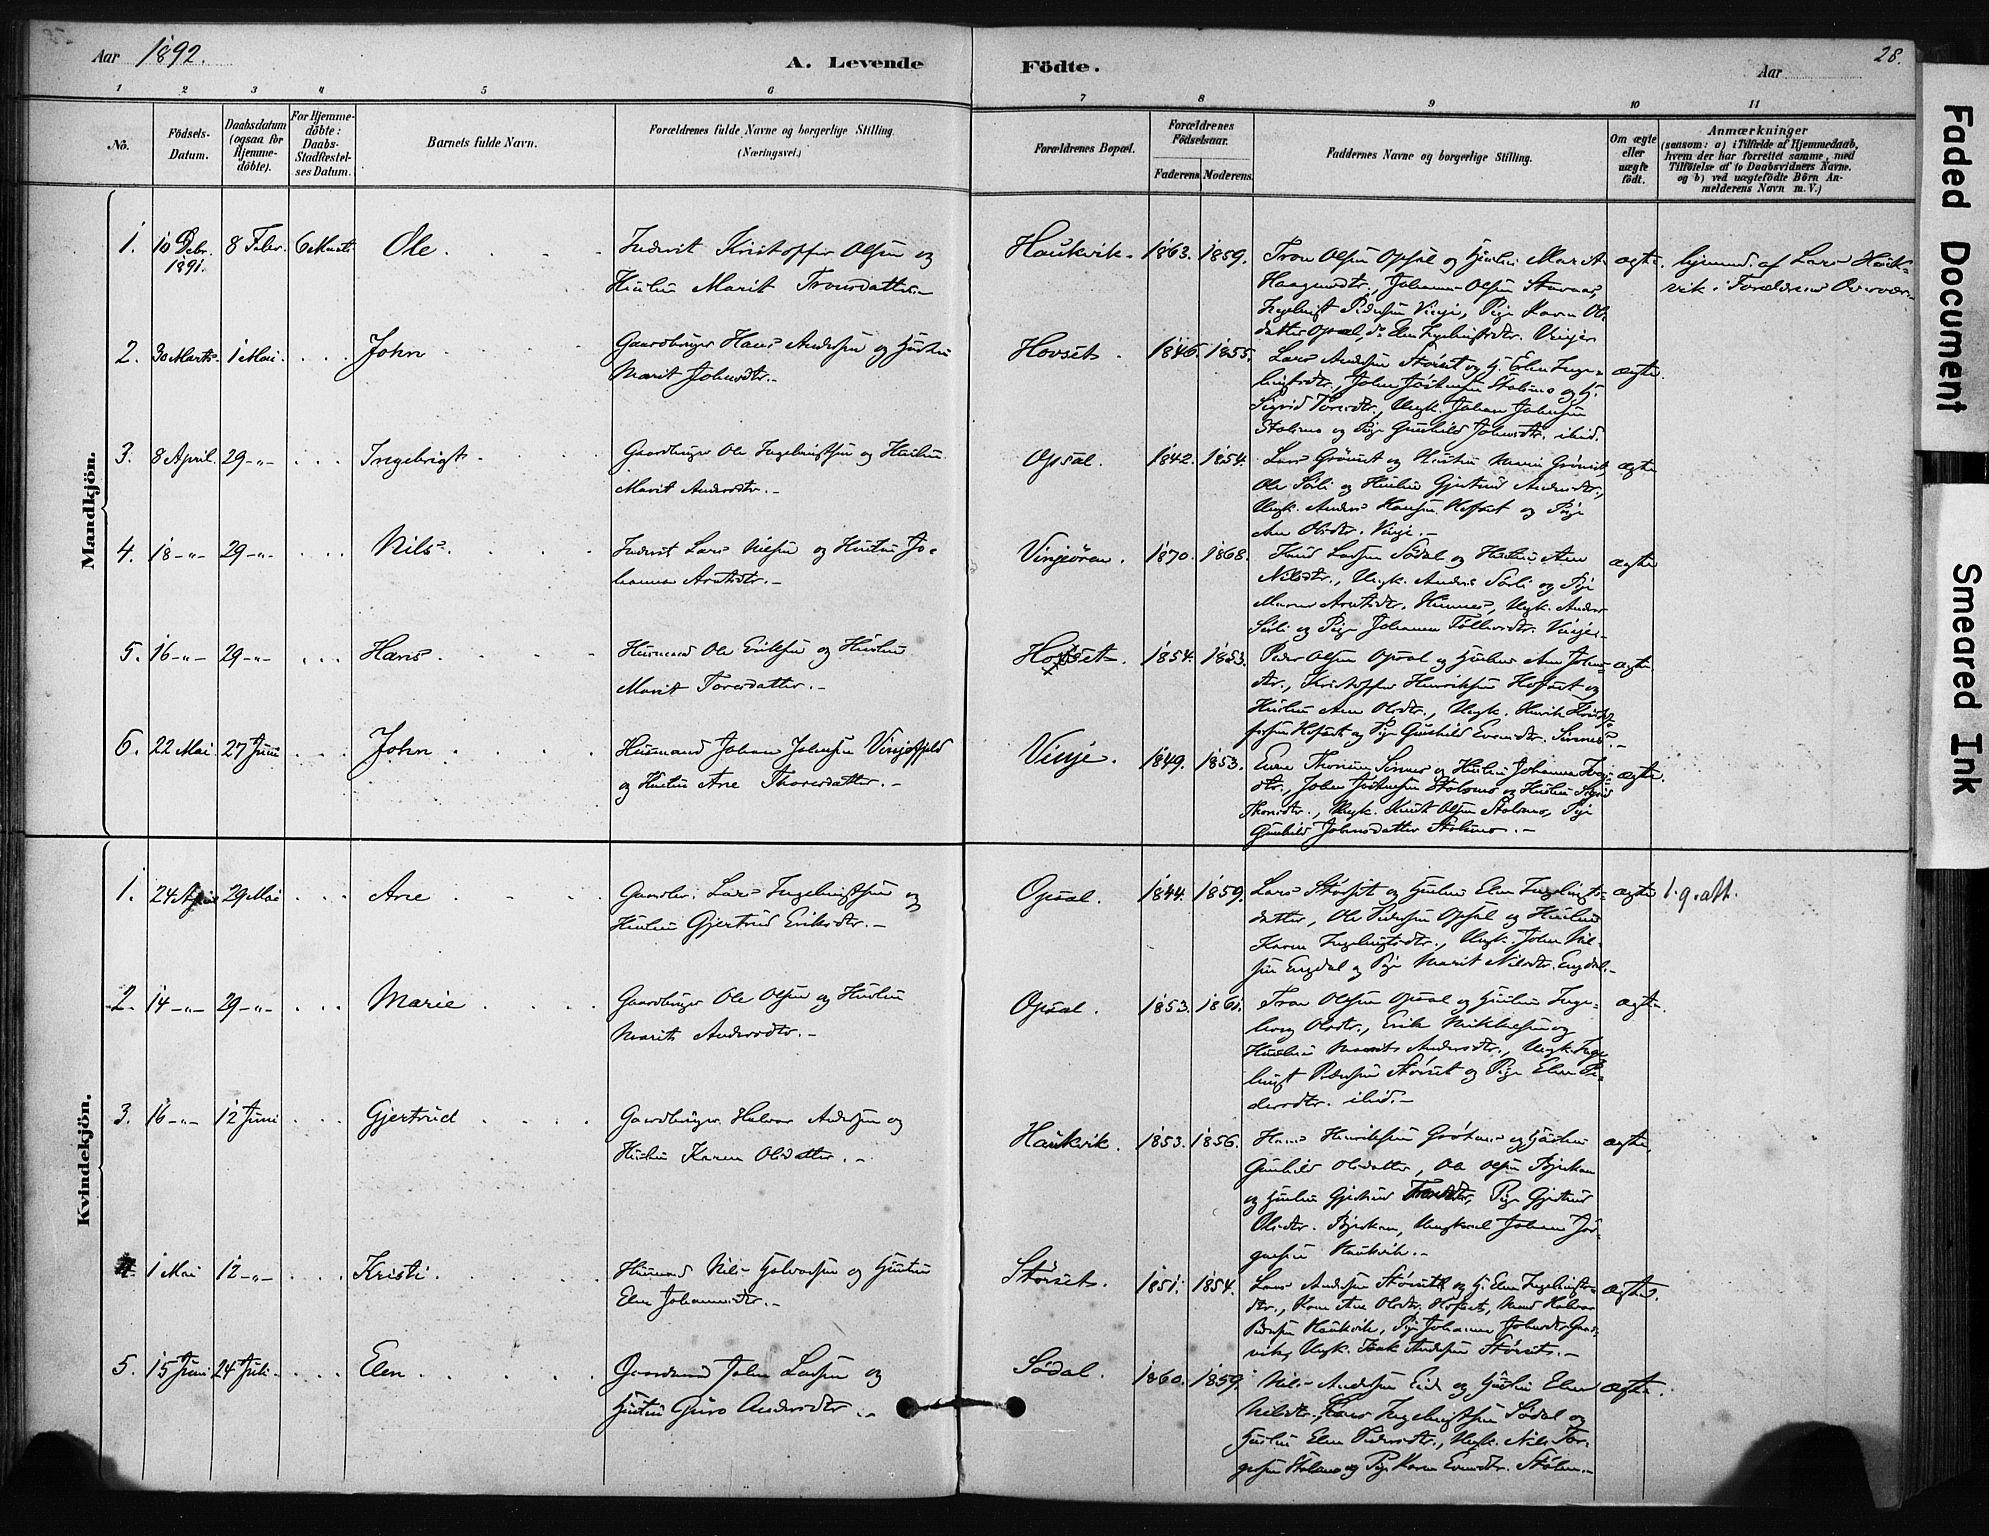 SAT, Ministerialprotokoller, klokkerbøker og fødselsregistre - Sør-Trøndelag, 631/L0512: Ministerialbok nr. 631A01, 1879-1912, s. 28